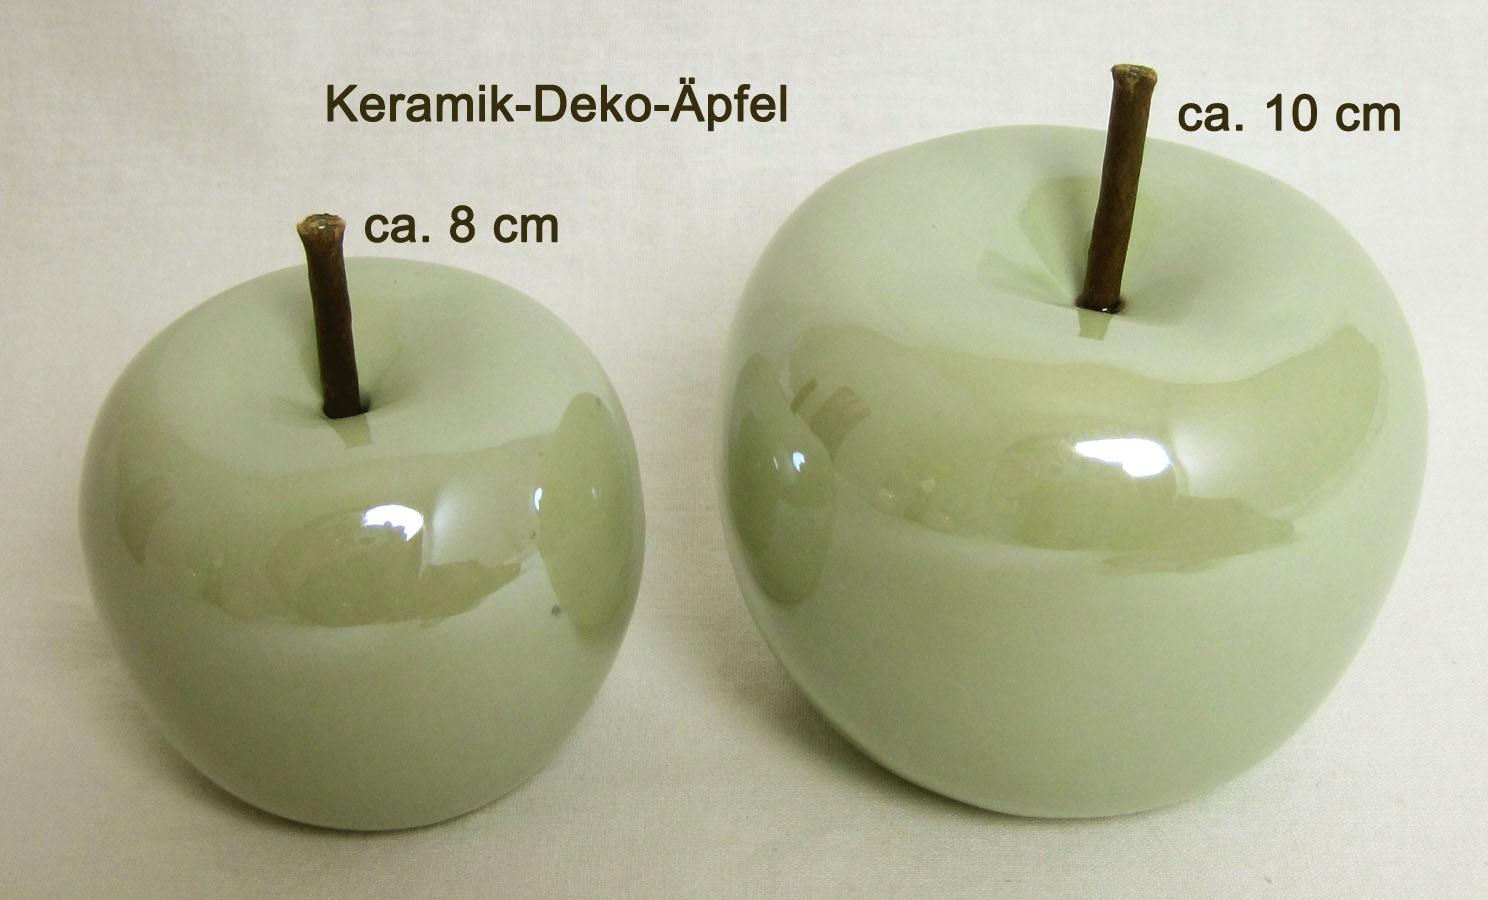 Deko Apfel klein grün Pastell ca. 8 cm Perlmutt